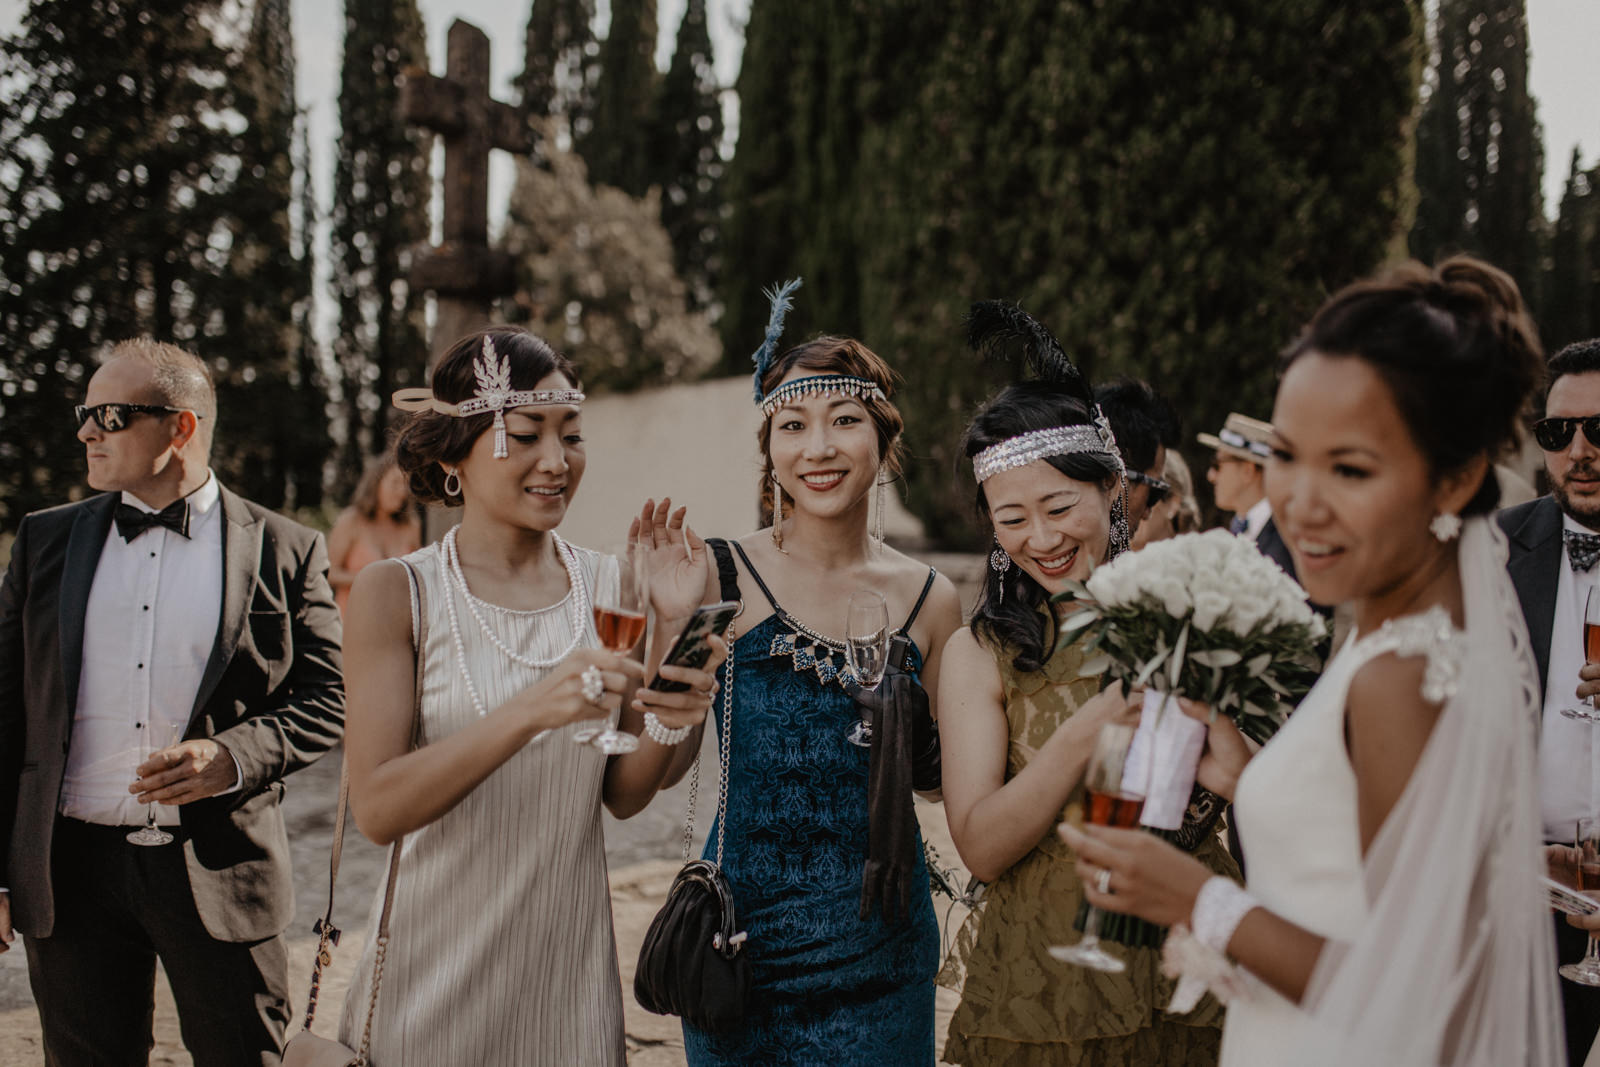 thenortherngirlphotography_photography_thenortherngirl_rebeccascabros_wedding_weddingphotography_weddingphotographer_barcelona_bodaenlabaronia_labaronia_japanesewedding_destinationwedding_shokoalbert-498.jpg